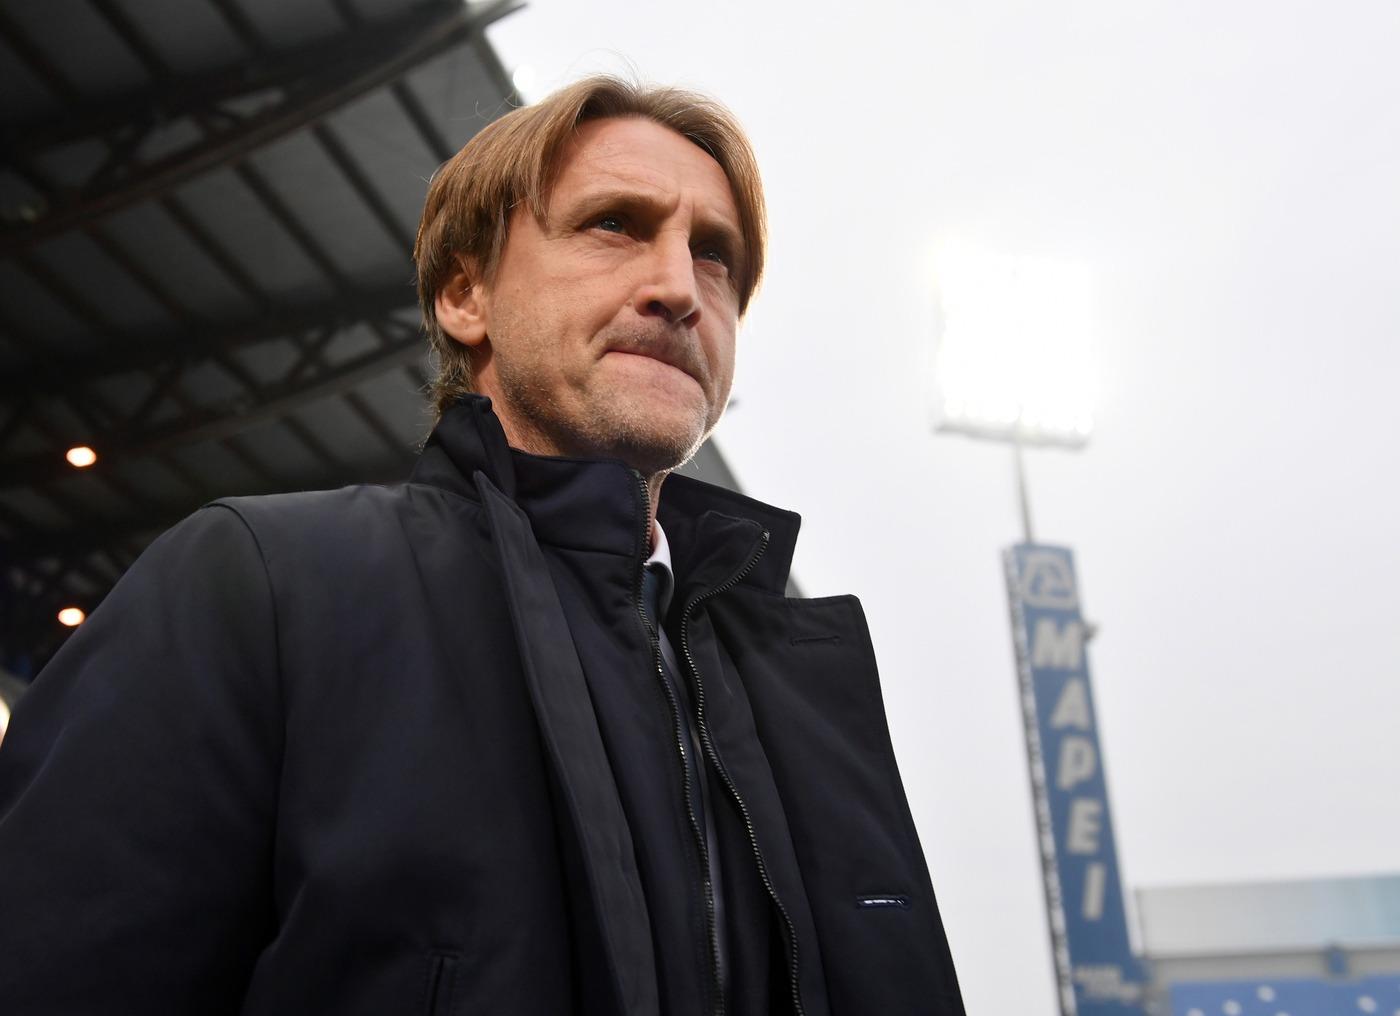 Serie A, Udinese-Atalanta domenica 9 dicembre: analisi e pronostico della 15ma giornata del campionato italiano